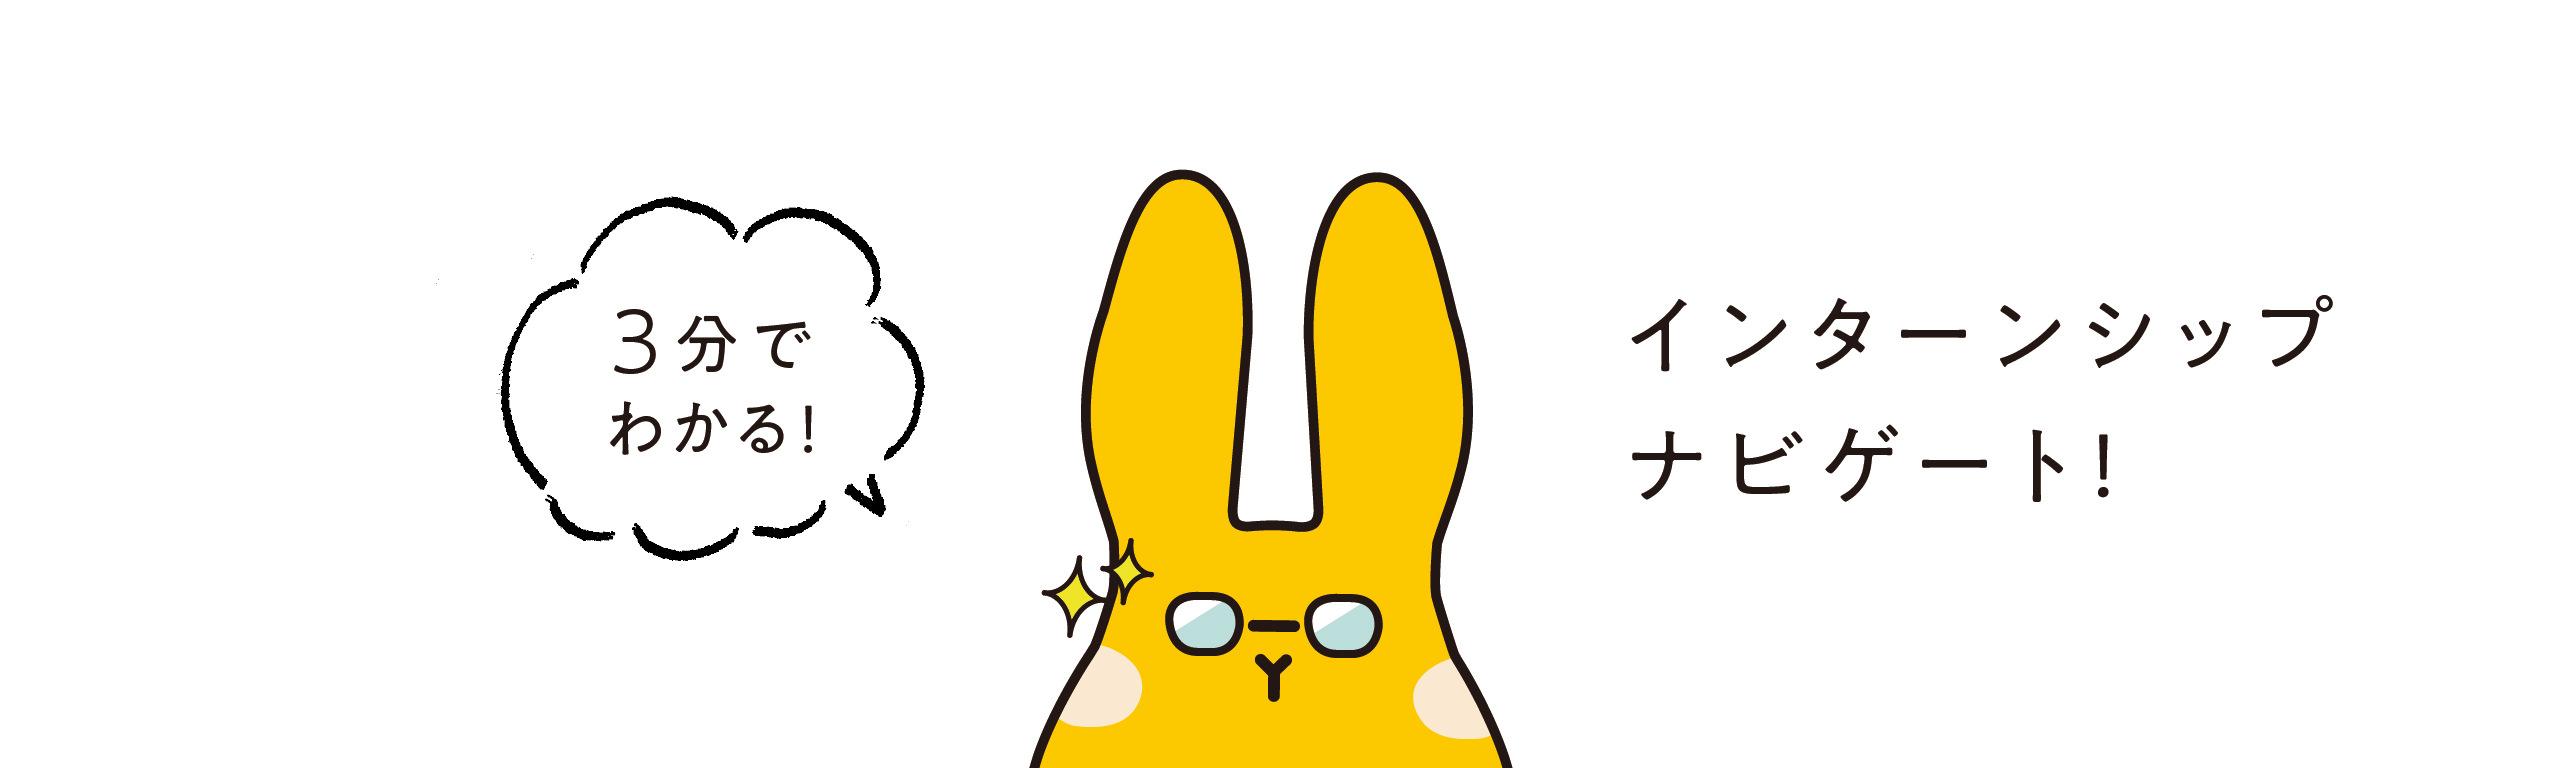 https://rikumatch.jp/wp-content/uploads/2019/02/mag_inter_title.jpg